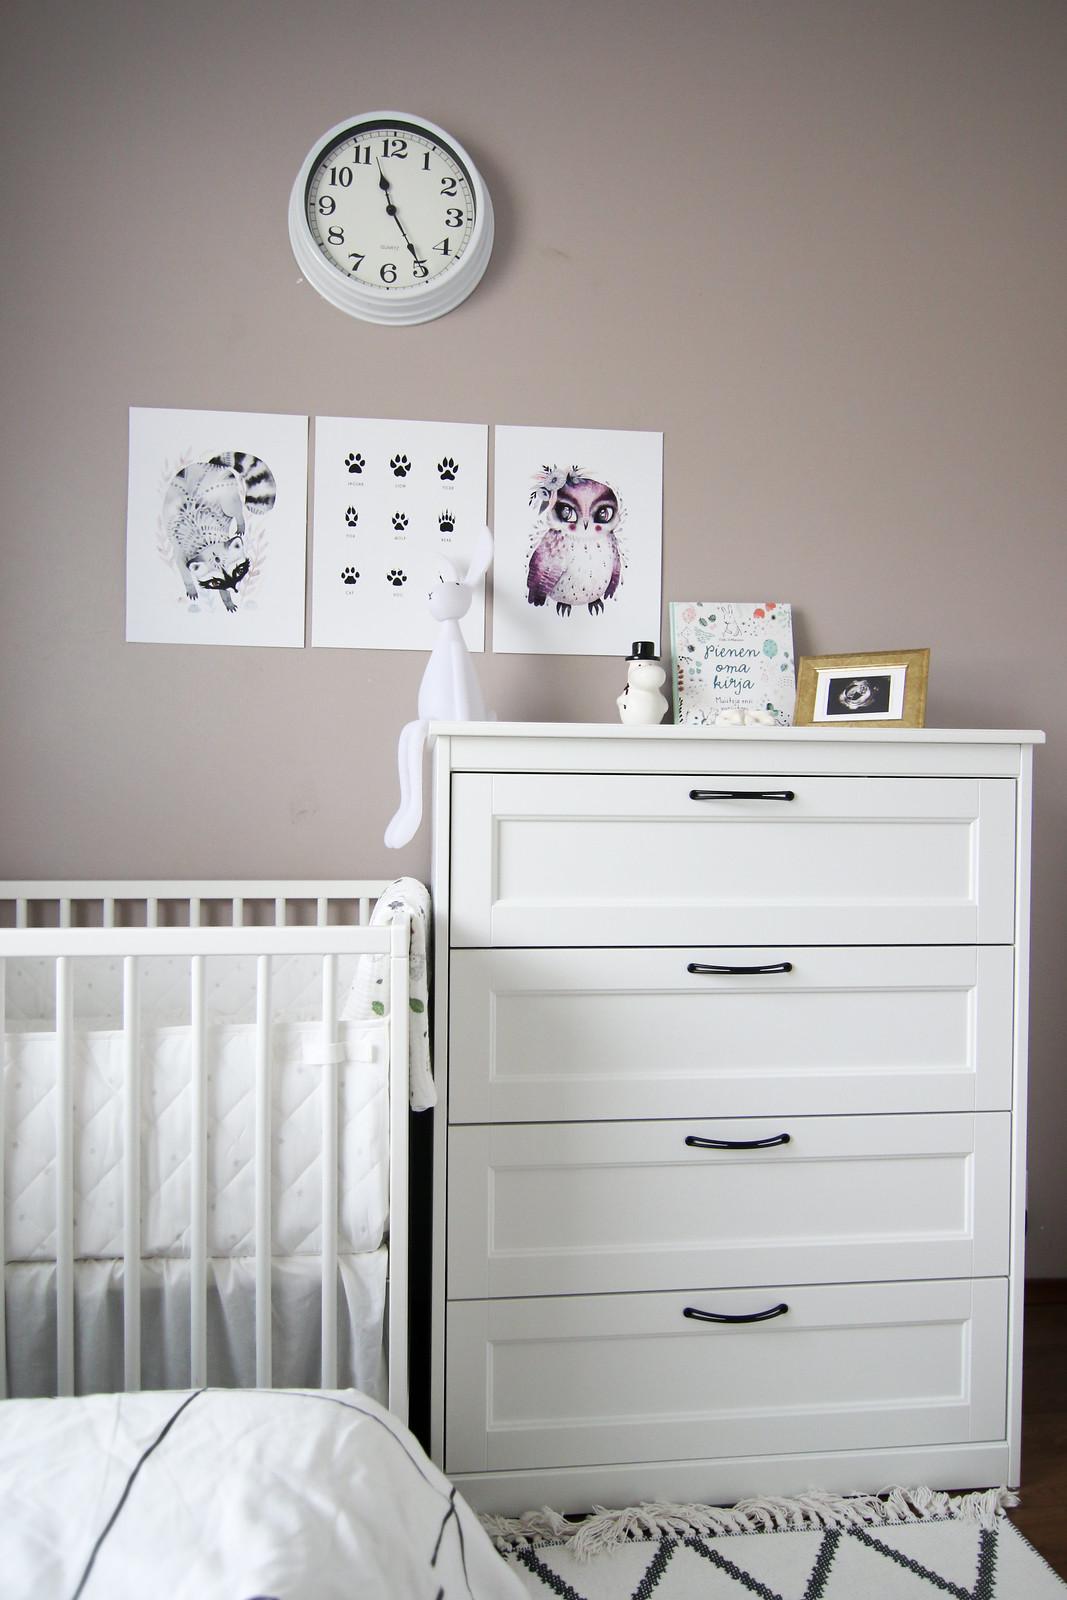 vauvan nurkkaus blogi 9